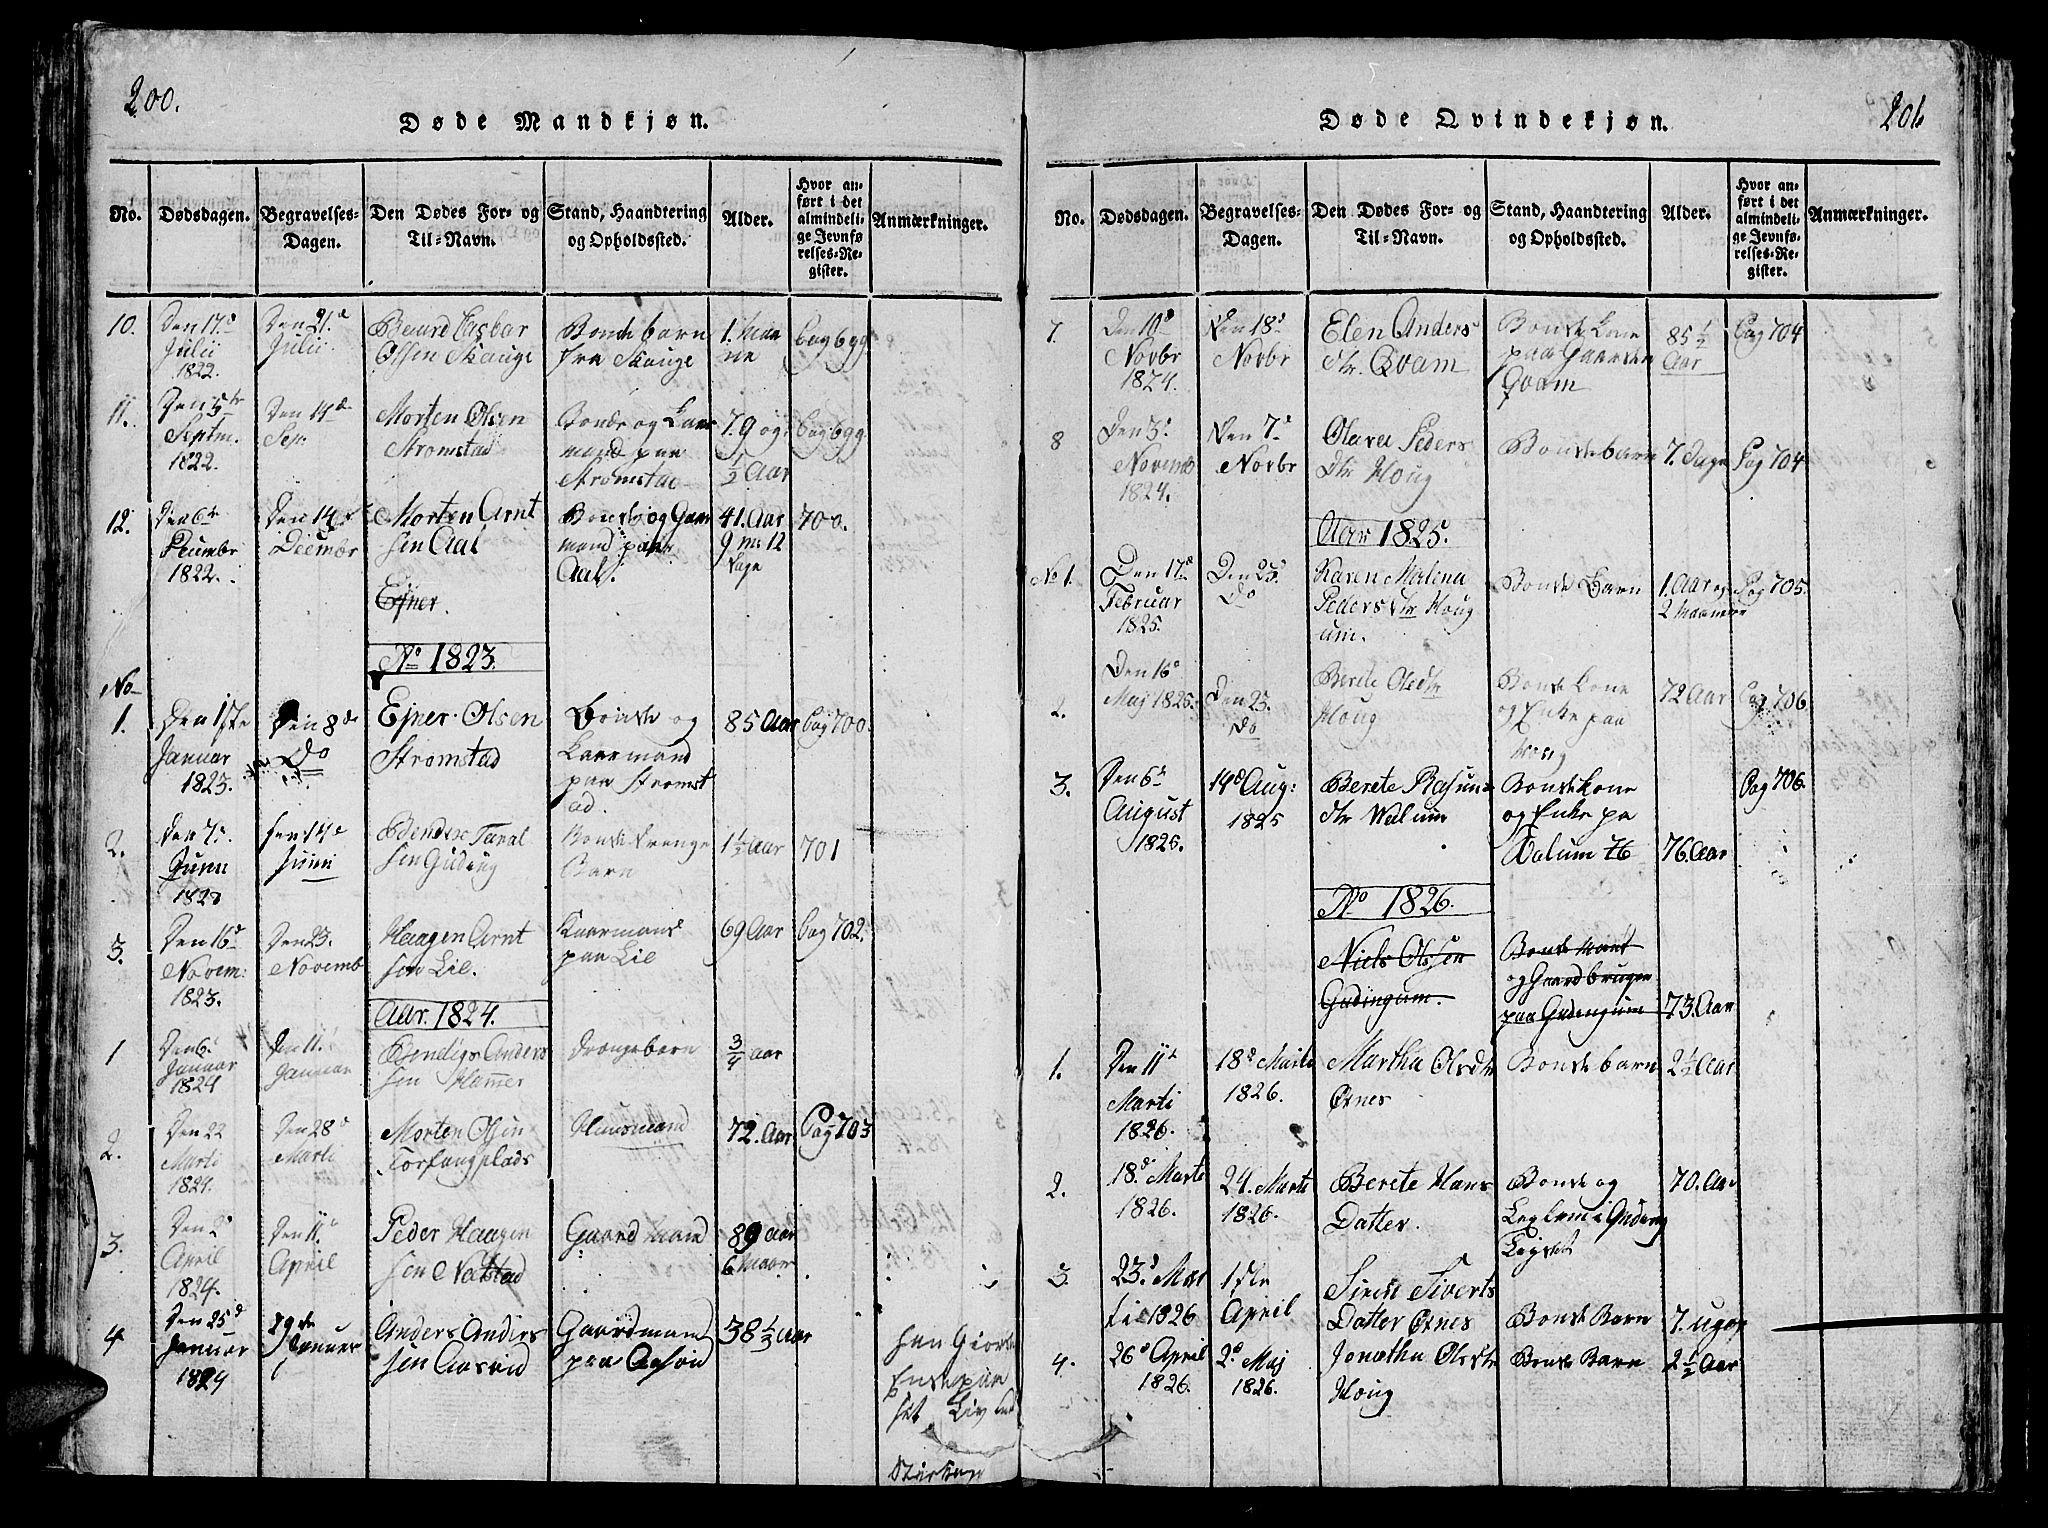 SAT, Ministerialprotokoller, klokkerbøker og fødselsregistre - Nord-Trøndelag, 747/L0459: Klokkerbok nr. 747C01, 1816-1842, s. 200-201